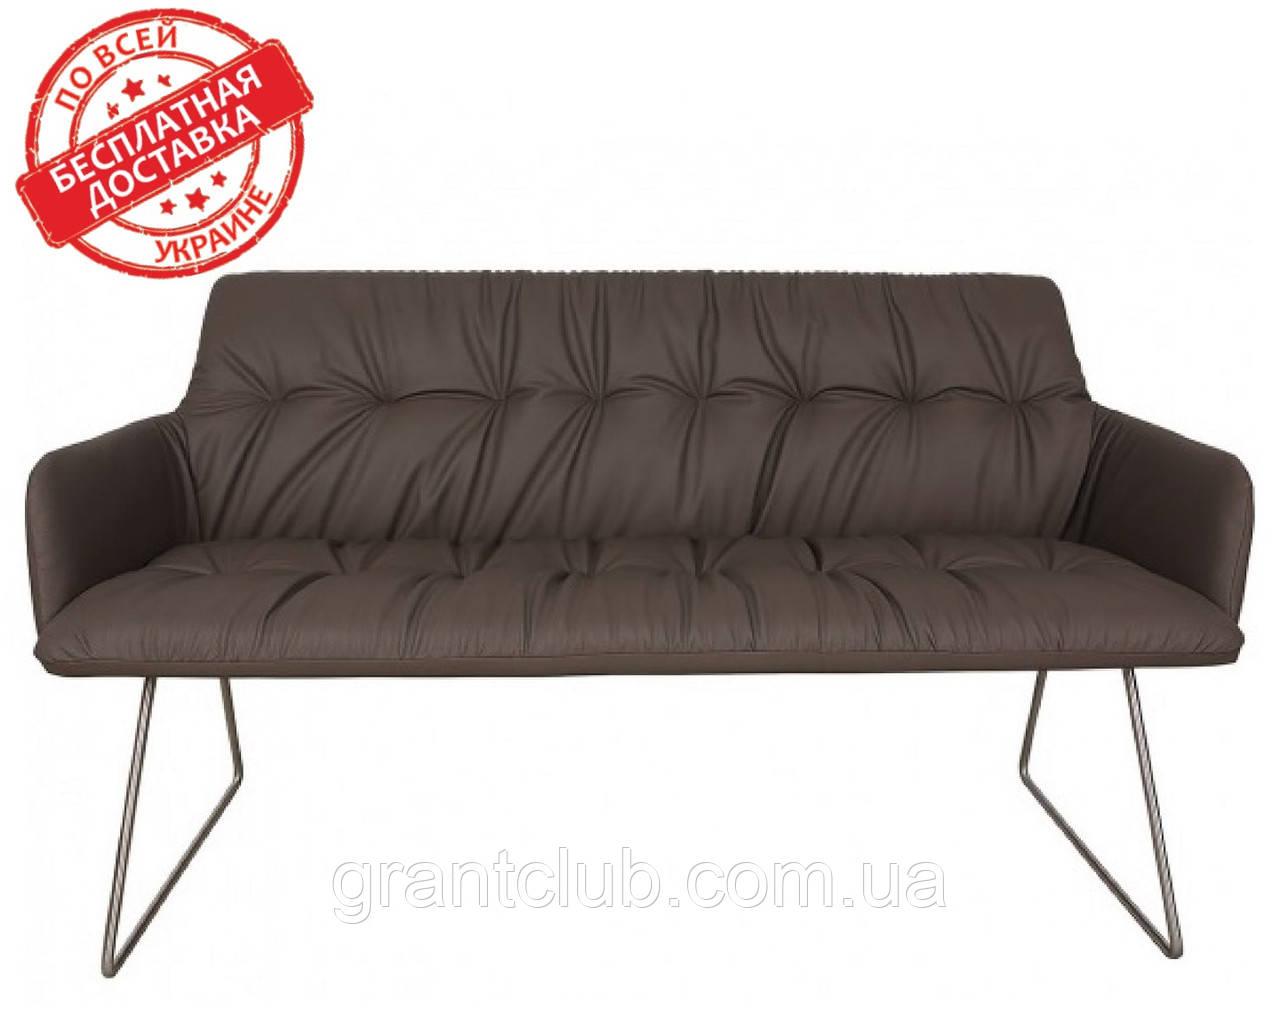 Кресло - банкетка LEON мокко кожзам 155 см Nicolas (бесплатная адресная доставка)